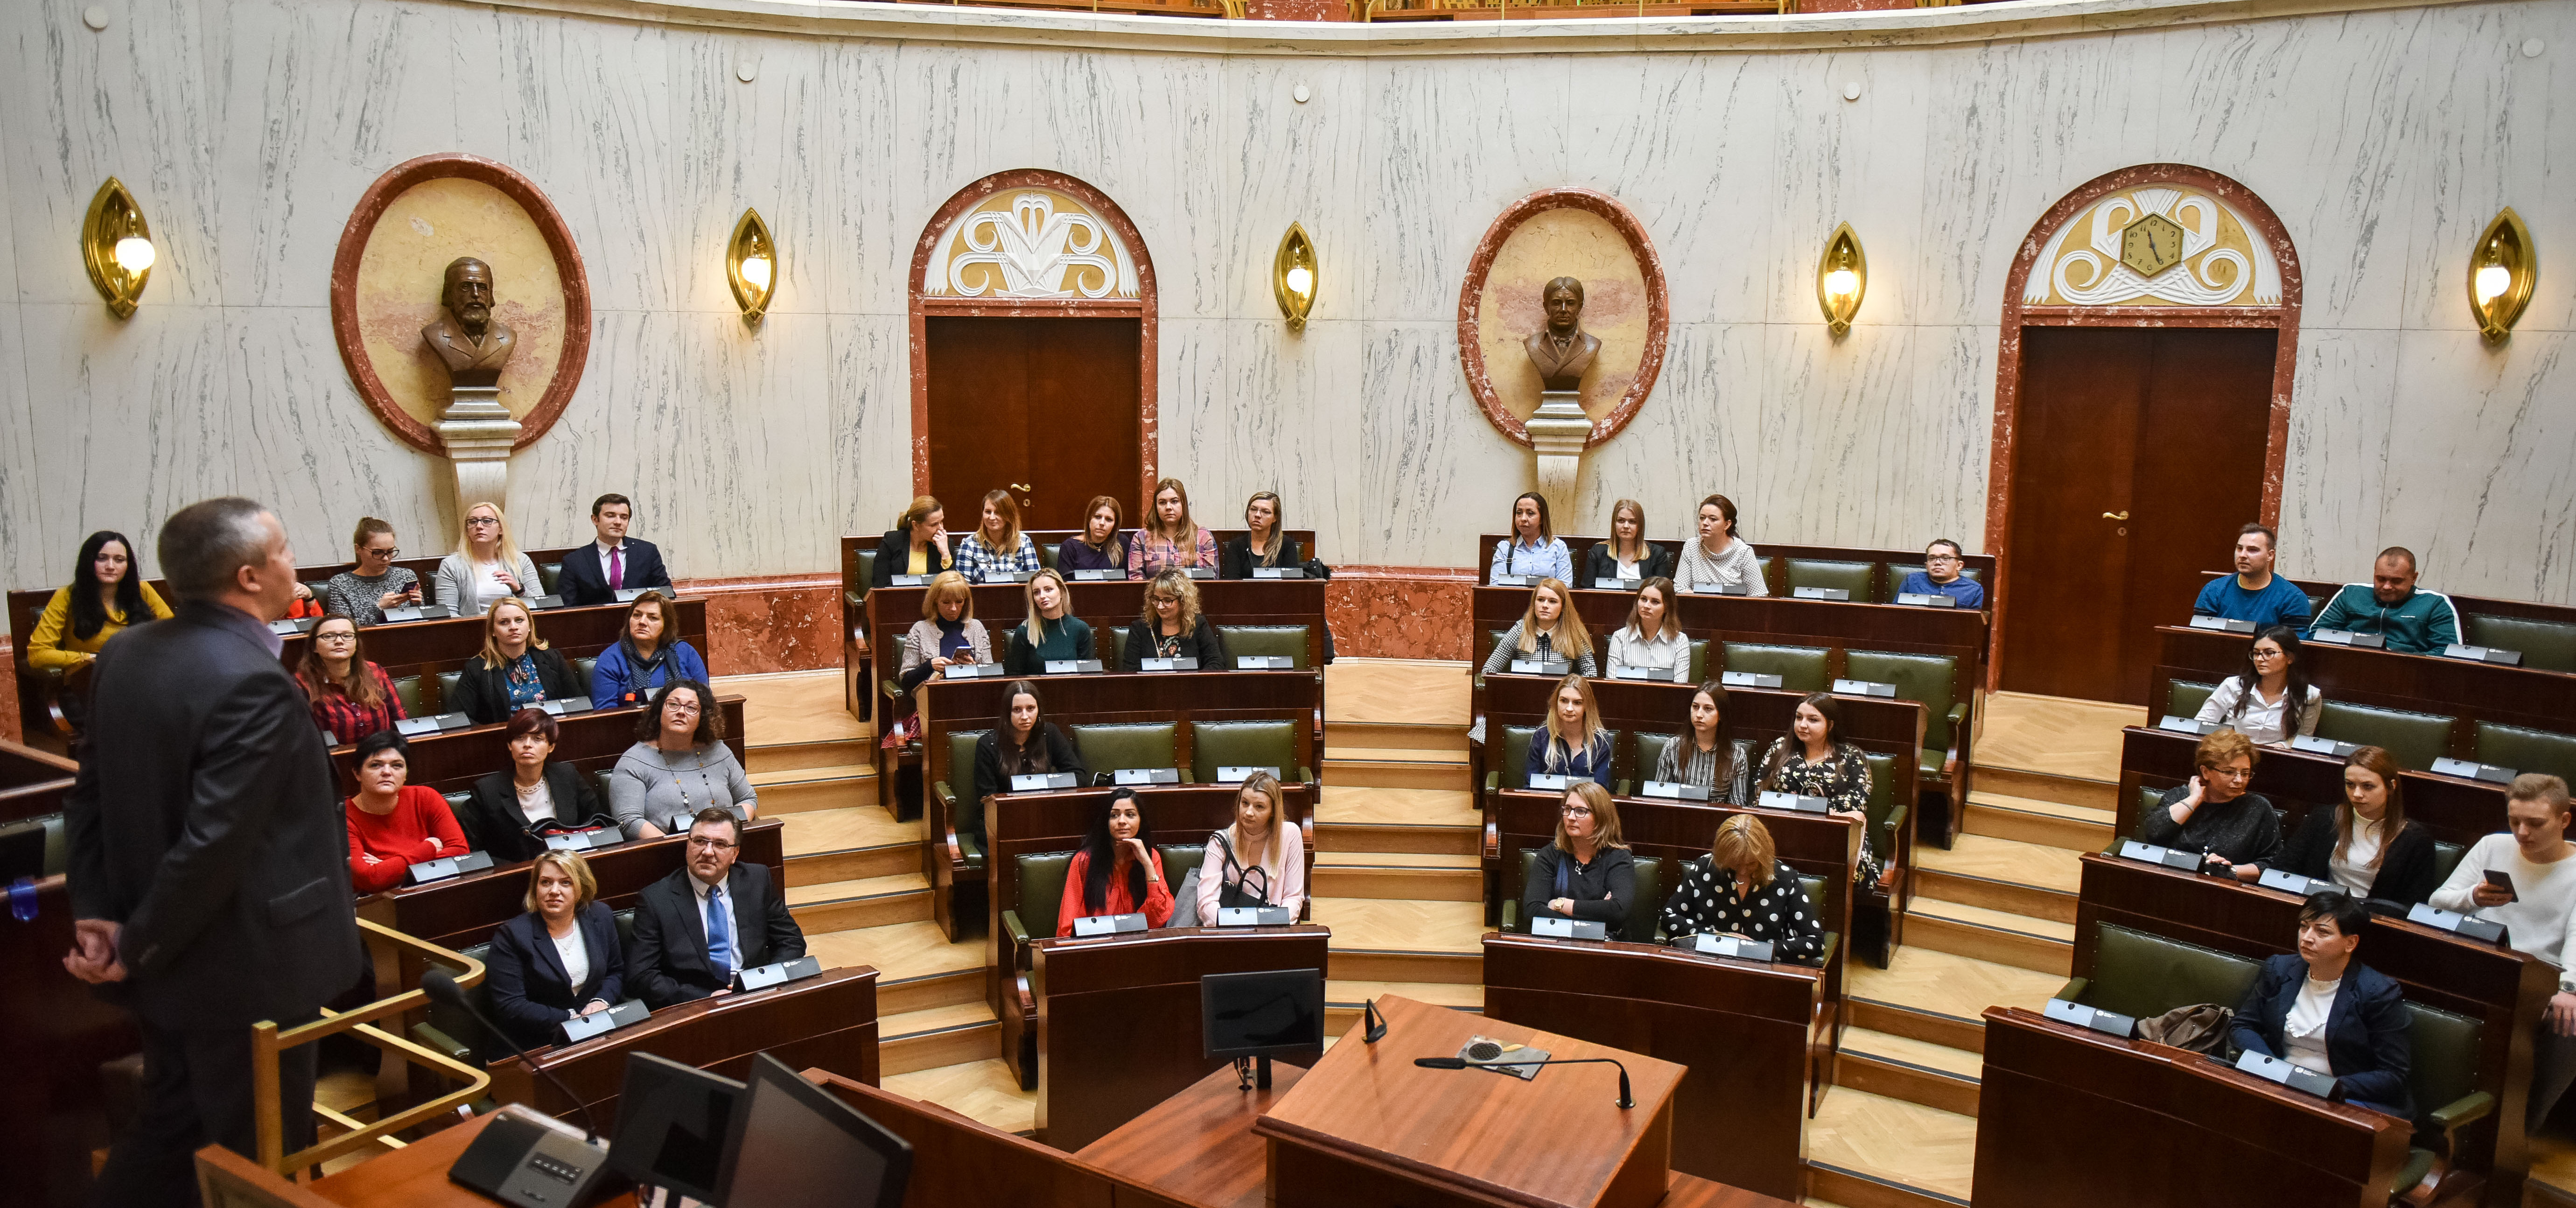 Studenci Bankowej na zajęciach w Śląskim Urzędzie Wojewódzkim